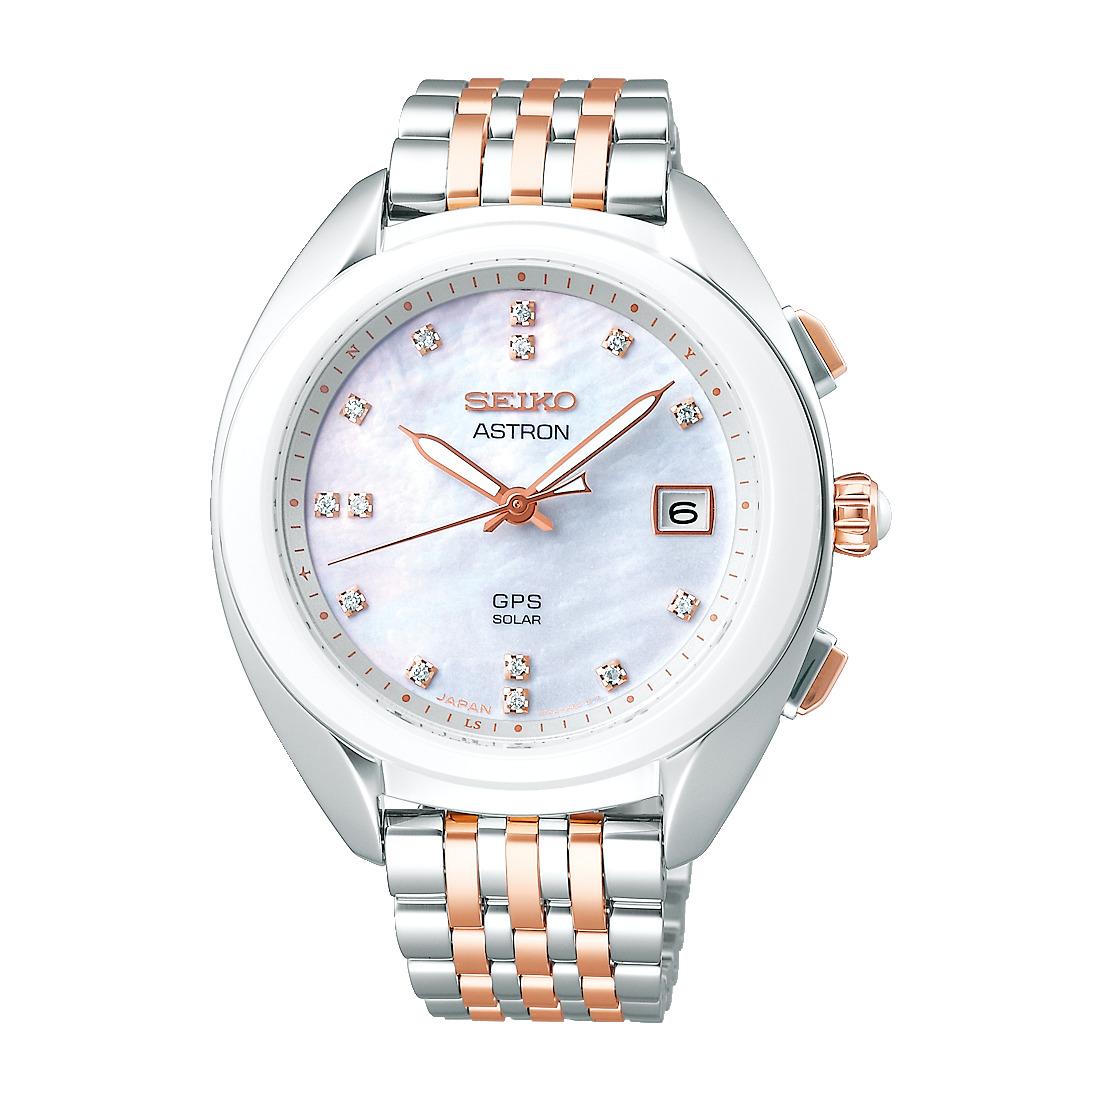 正規品 送料無料 ソーラーGPS 限定特価 レディース 今なら大谷選手ボブルヘッドプレゼント アストロン セイコー 腕時計 ASTRON STXD011 コアショップ限定 SEIKO 大特価!!